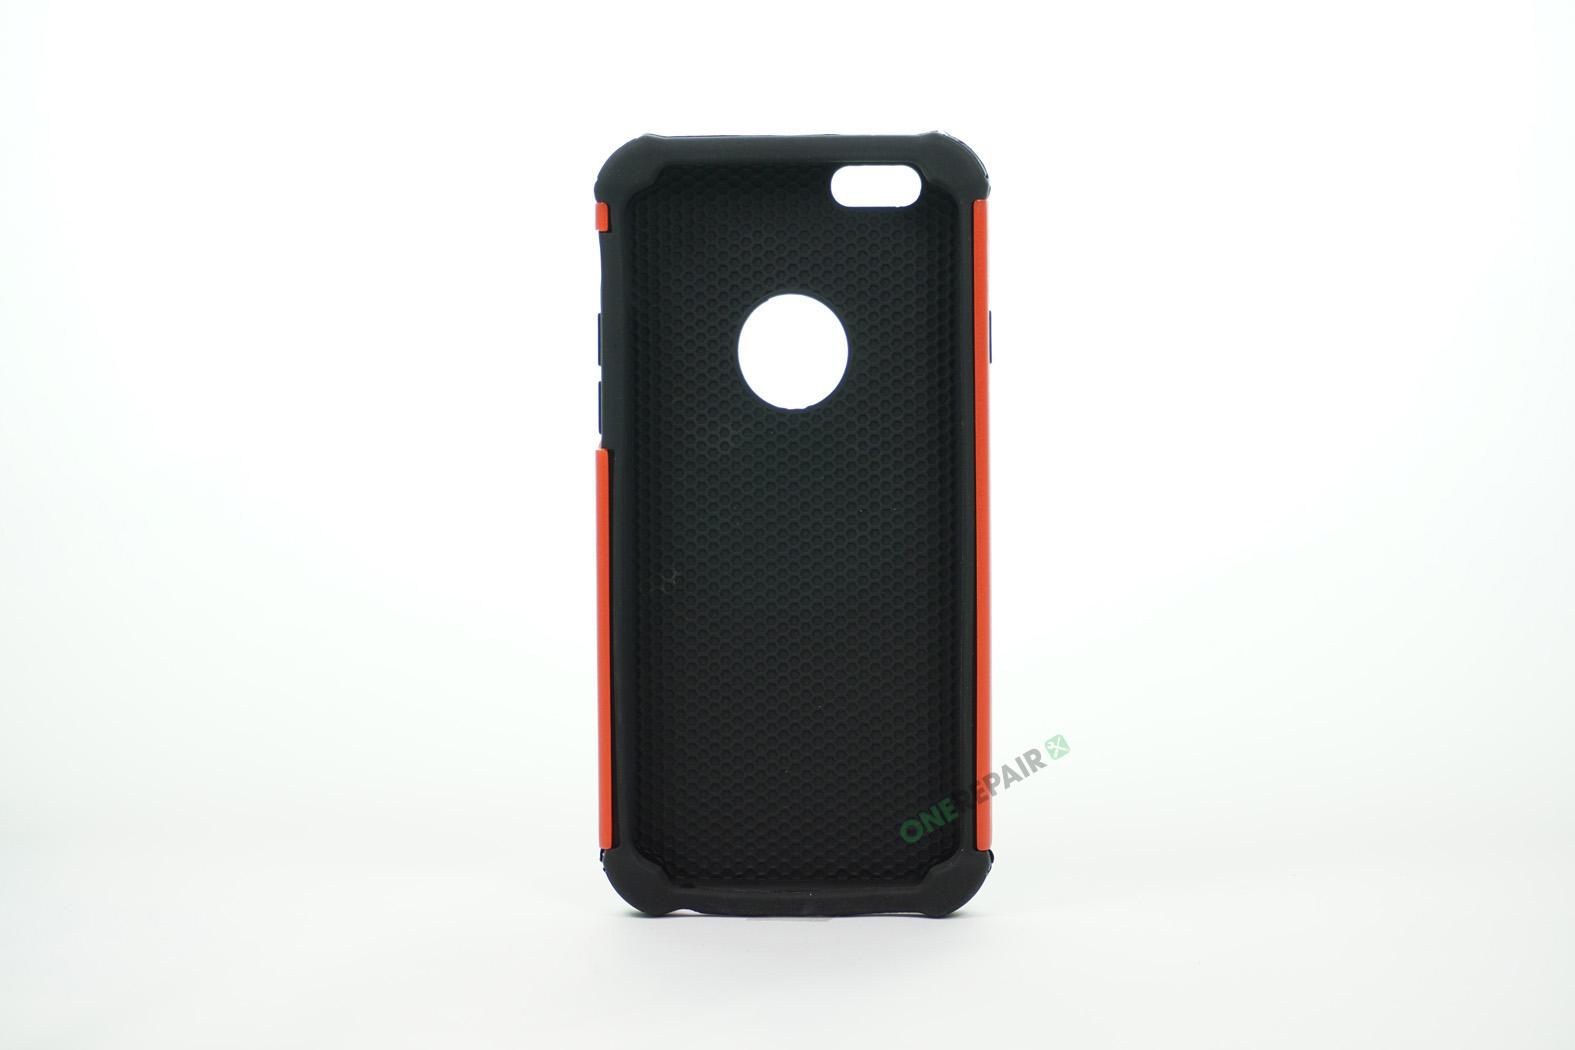 350529_iPhone_6_6S_Haandvaerkercover_Hardcase_Cover_Roed_OneRepair_00003